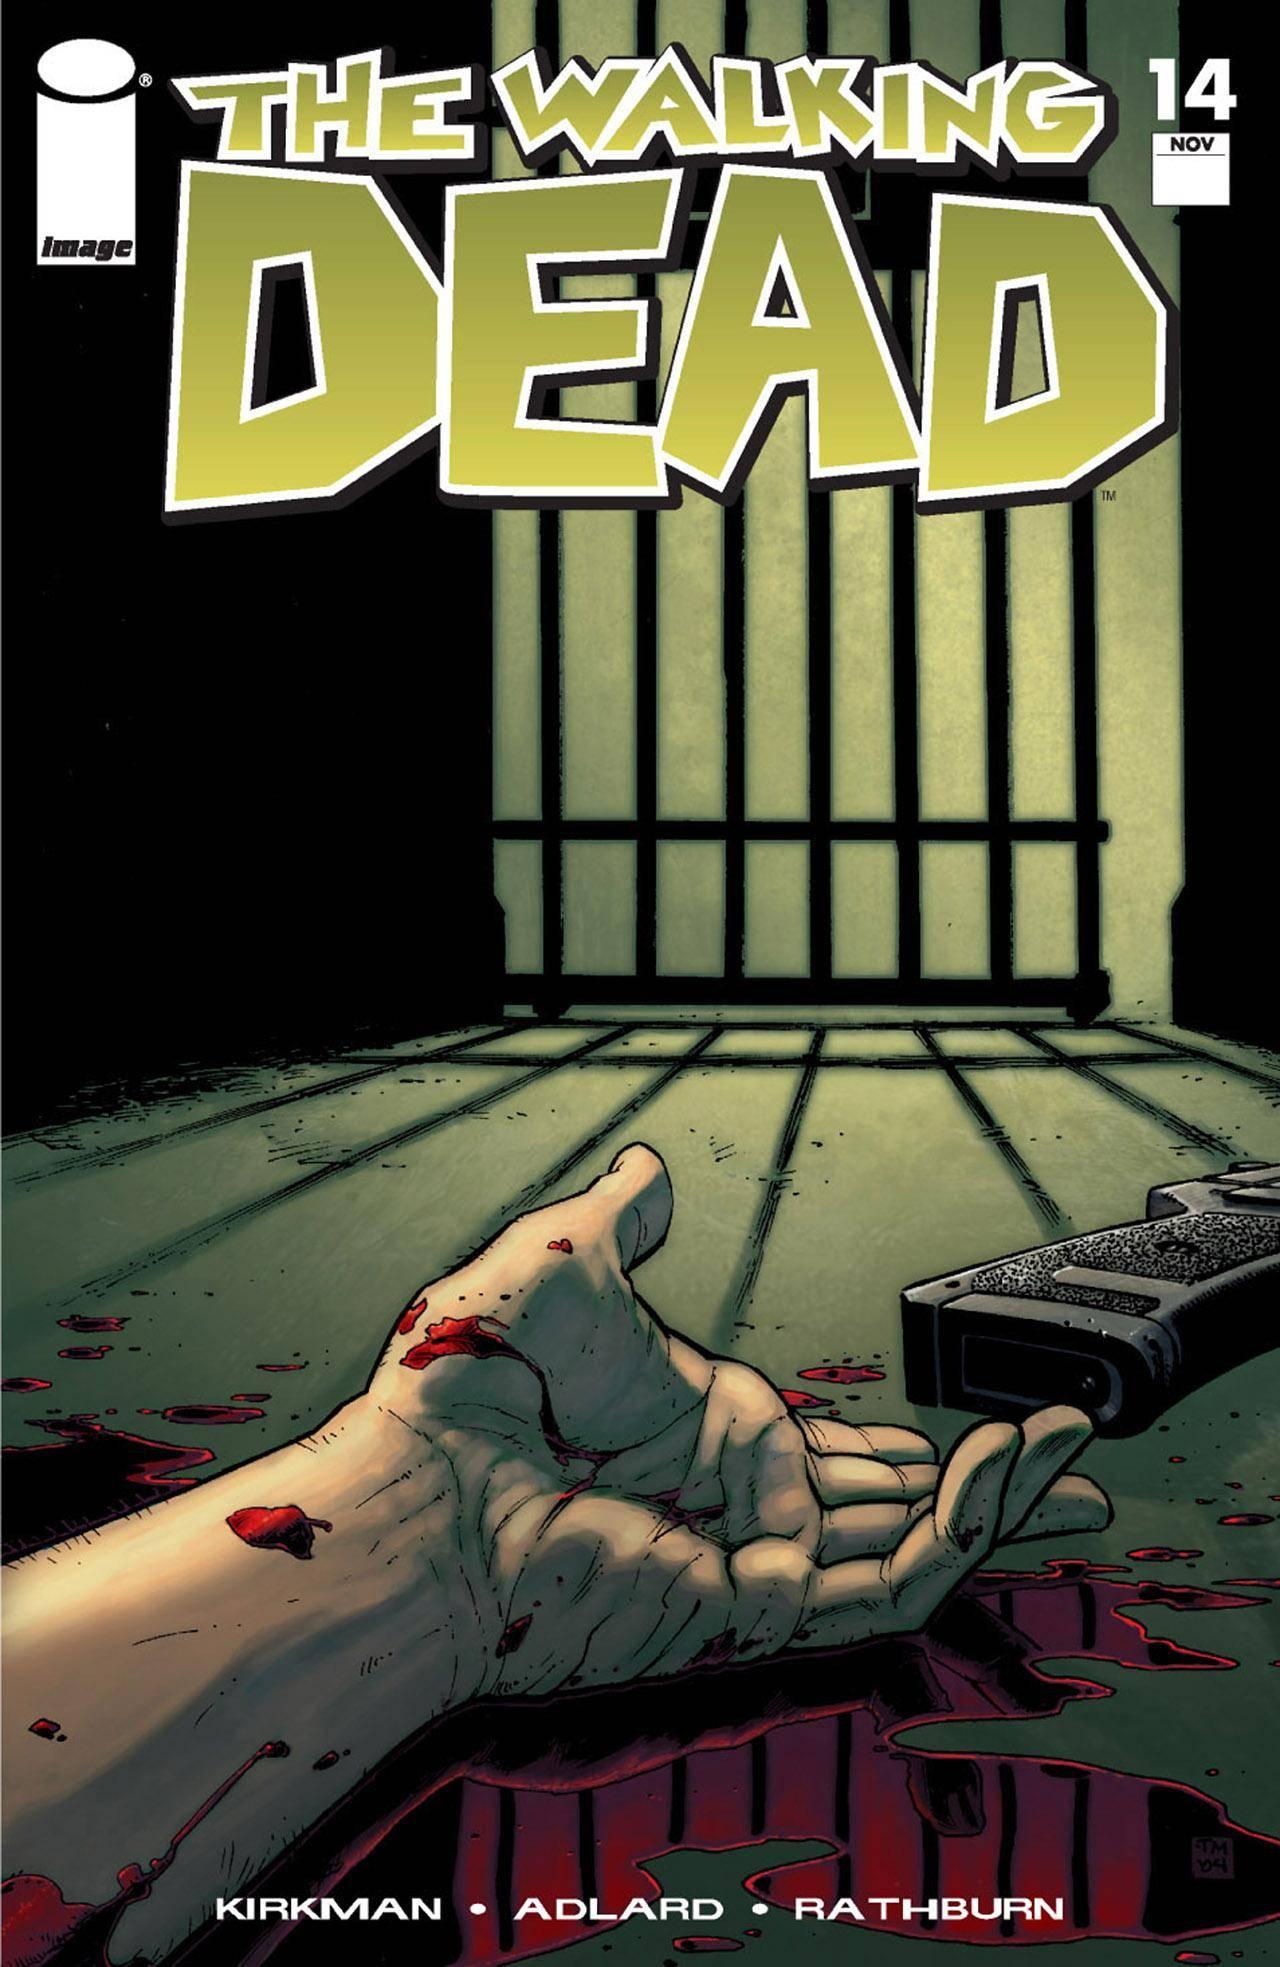 Walking Dead 014 2004 digital